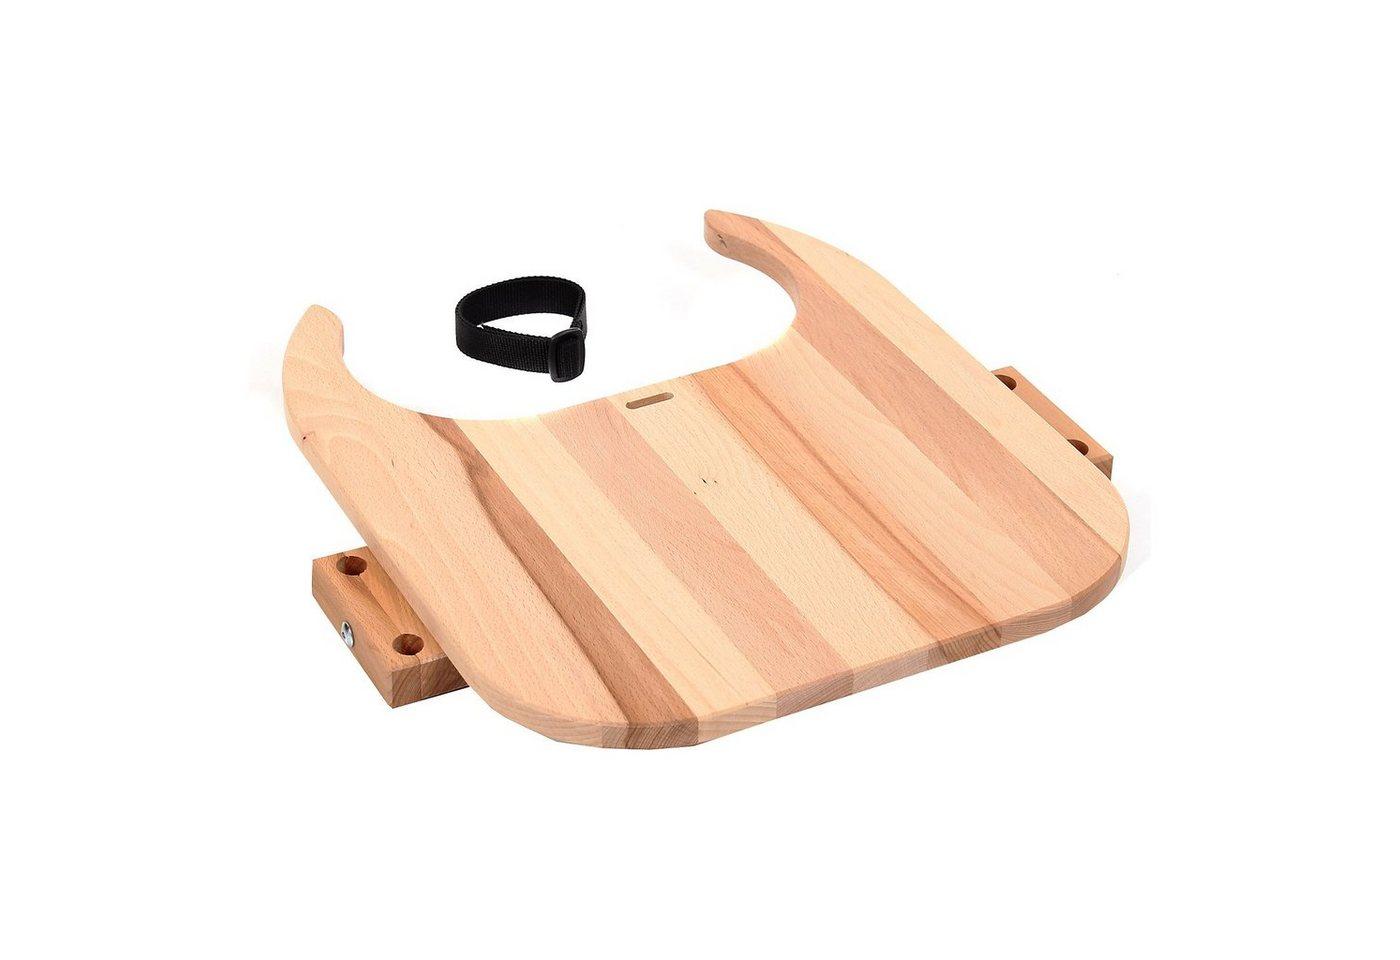 Tobi Tischplatte Hochstuhlumrüstsatz für babybay Original, Maxi u | Kinderzimmer > Kinderzimmerstühle > Hochstühle | Braun | Tobi